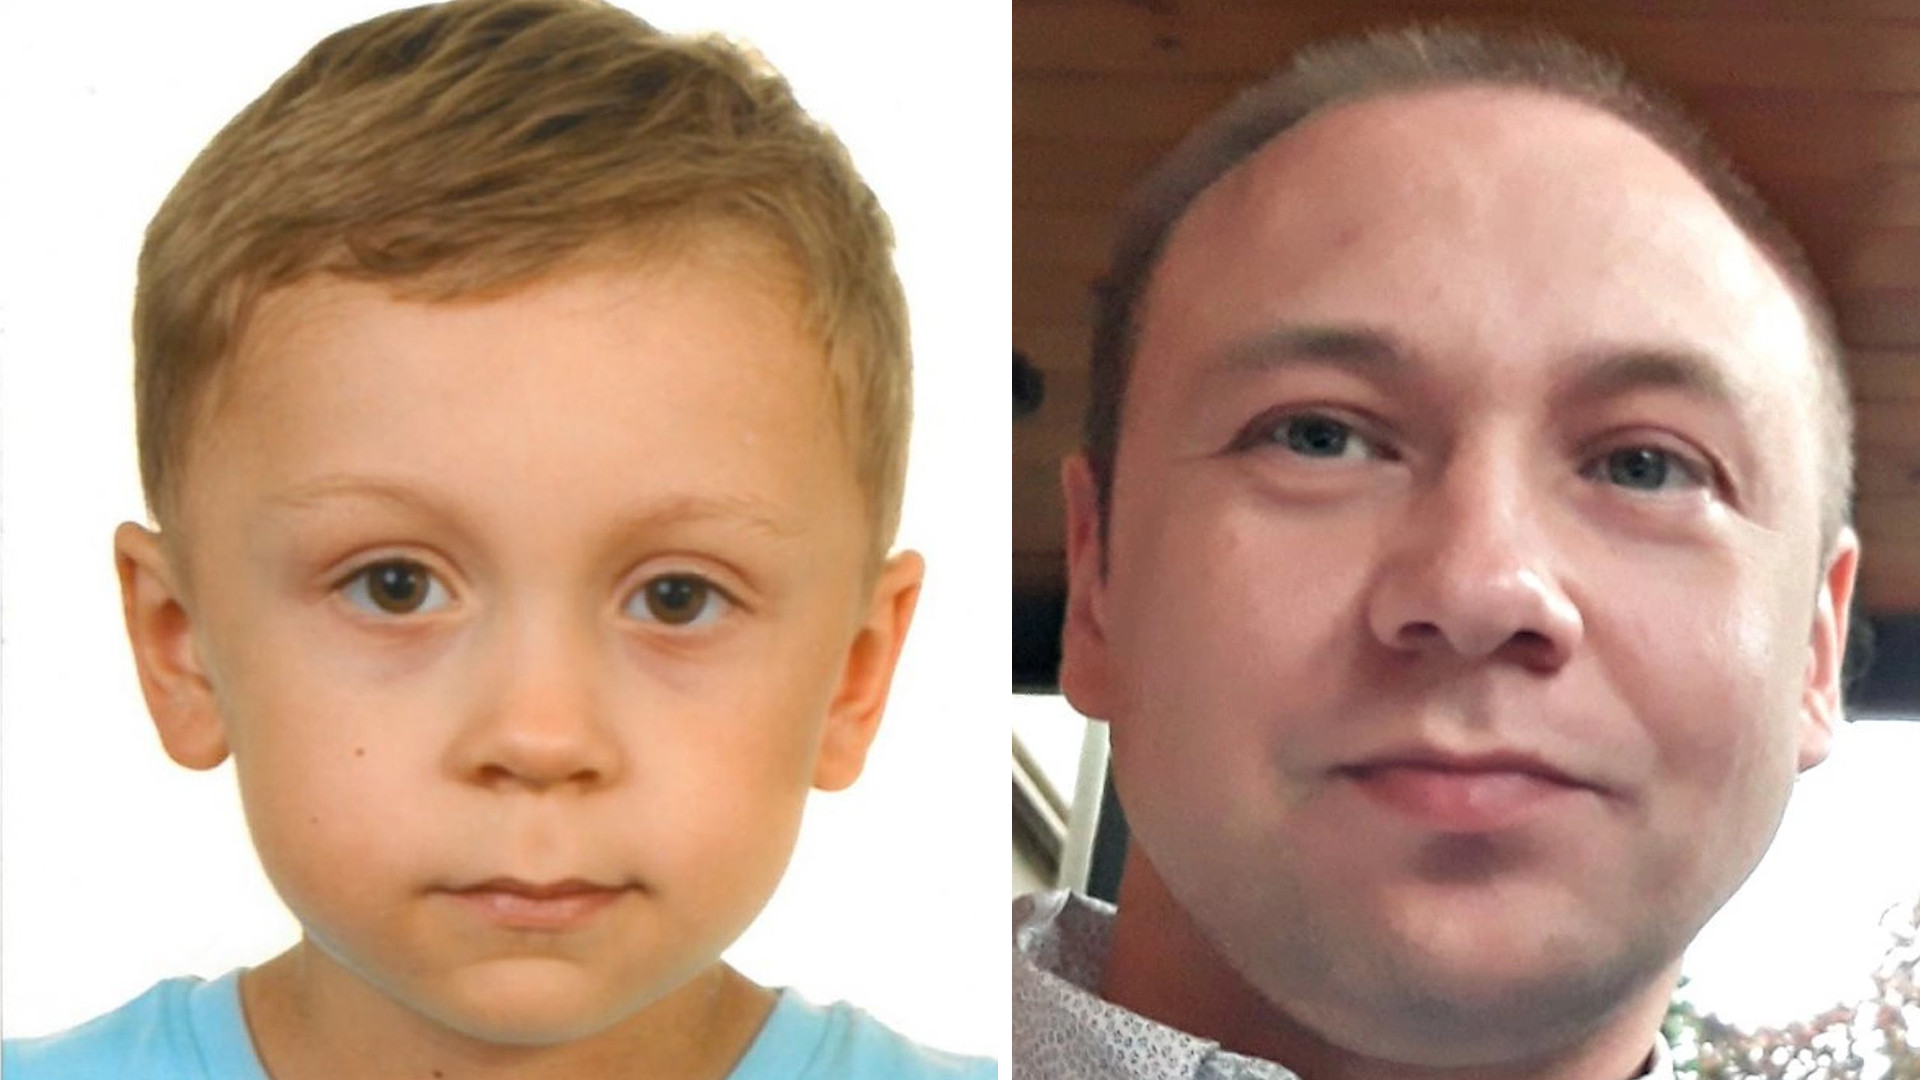 Nowe fakty w sprawie zaginięcia 5-letniego Dawida Żukowskiego – na ubraniu ojca znaleziono ślady krwi dziecka?